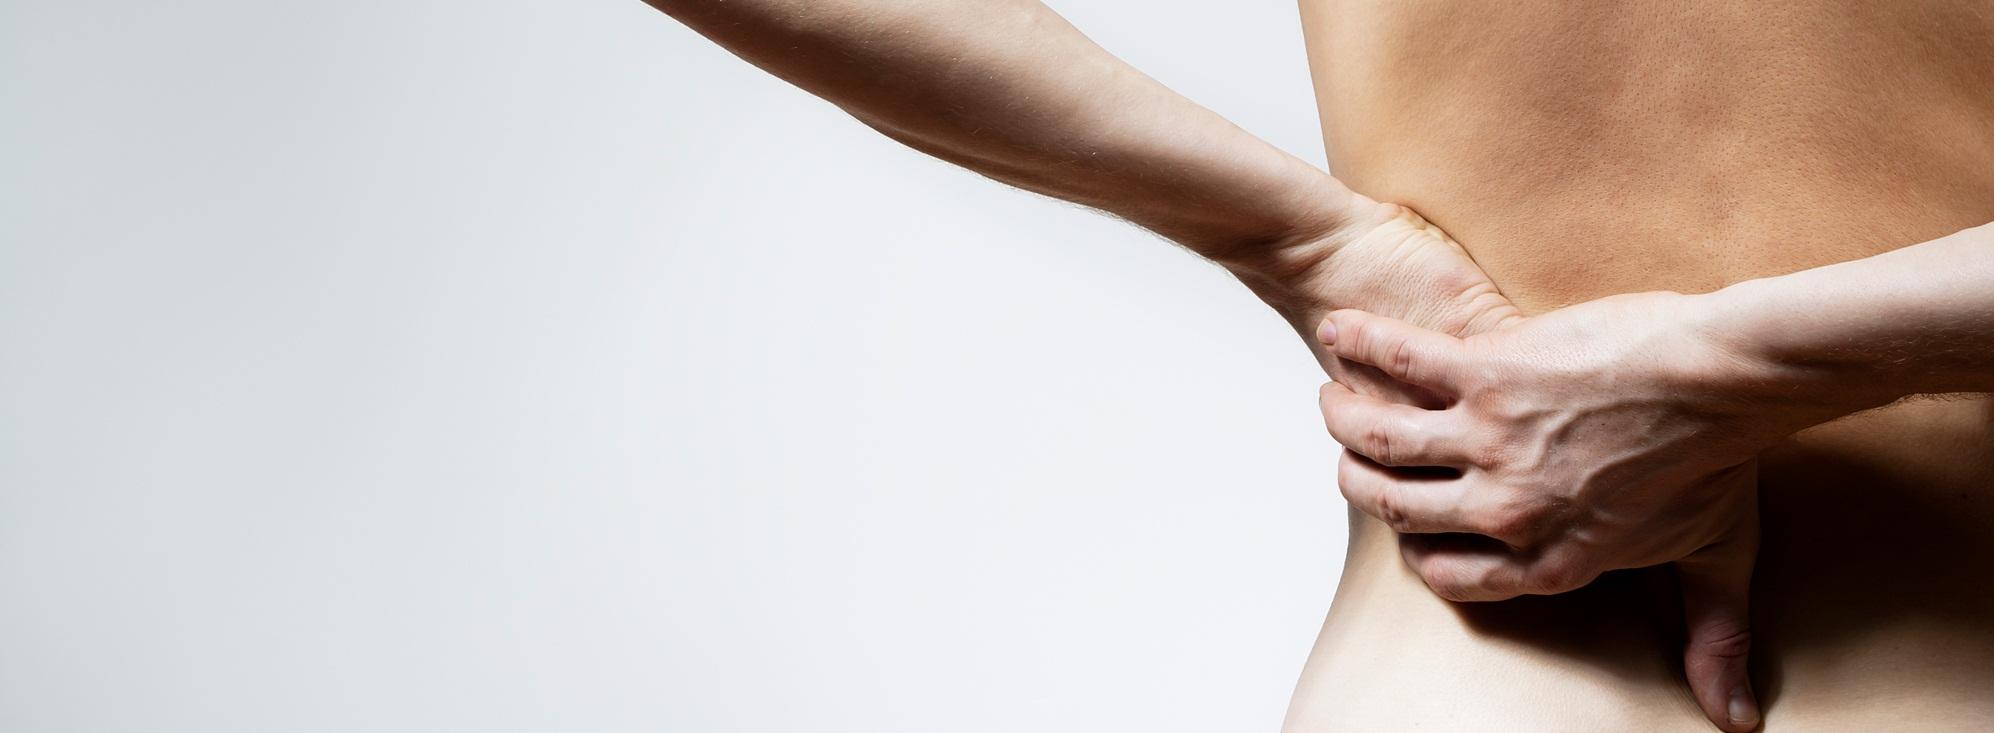 Опасен ли рентген позвоночника? 4 противопоказания, берегите своё здоровье.